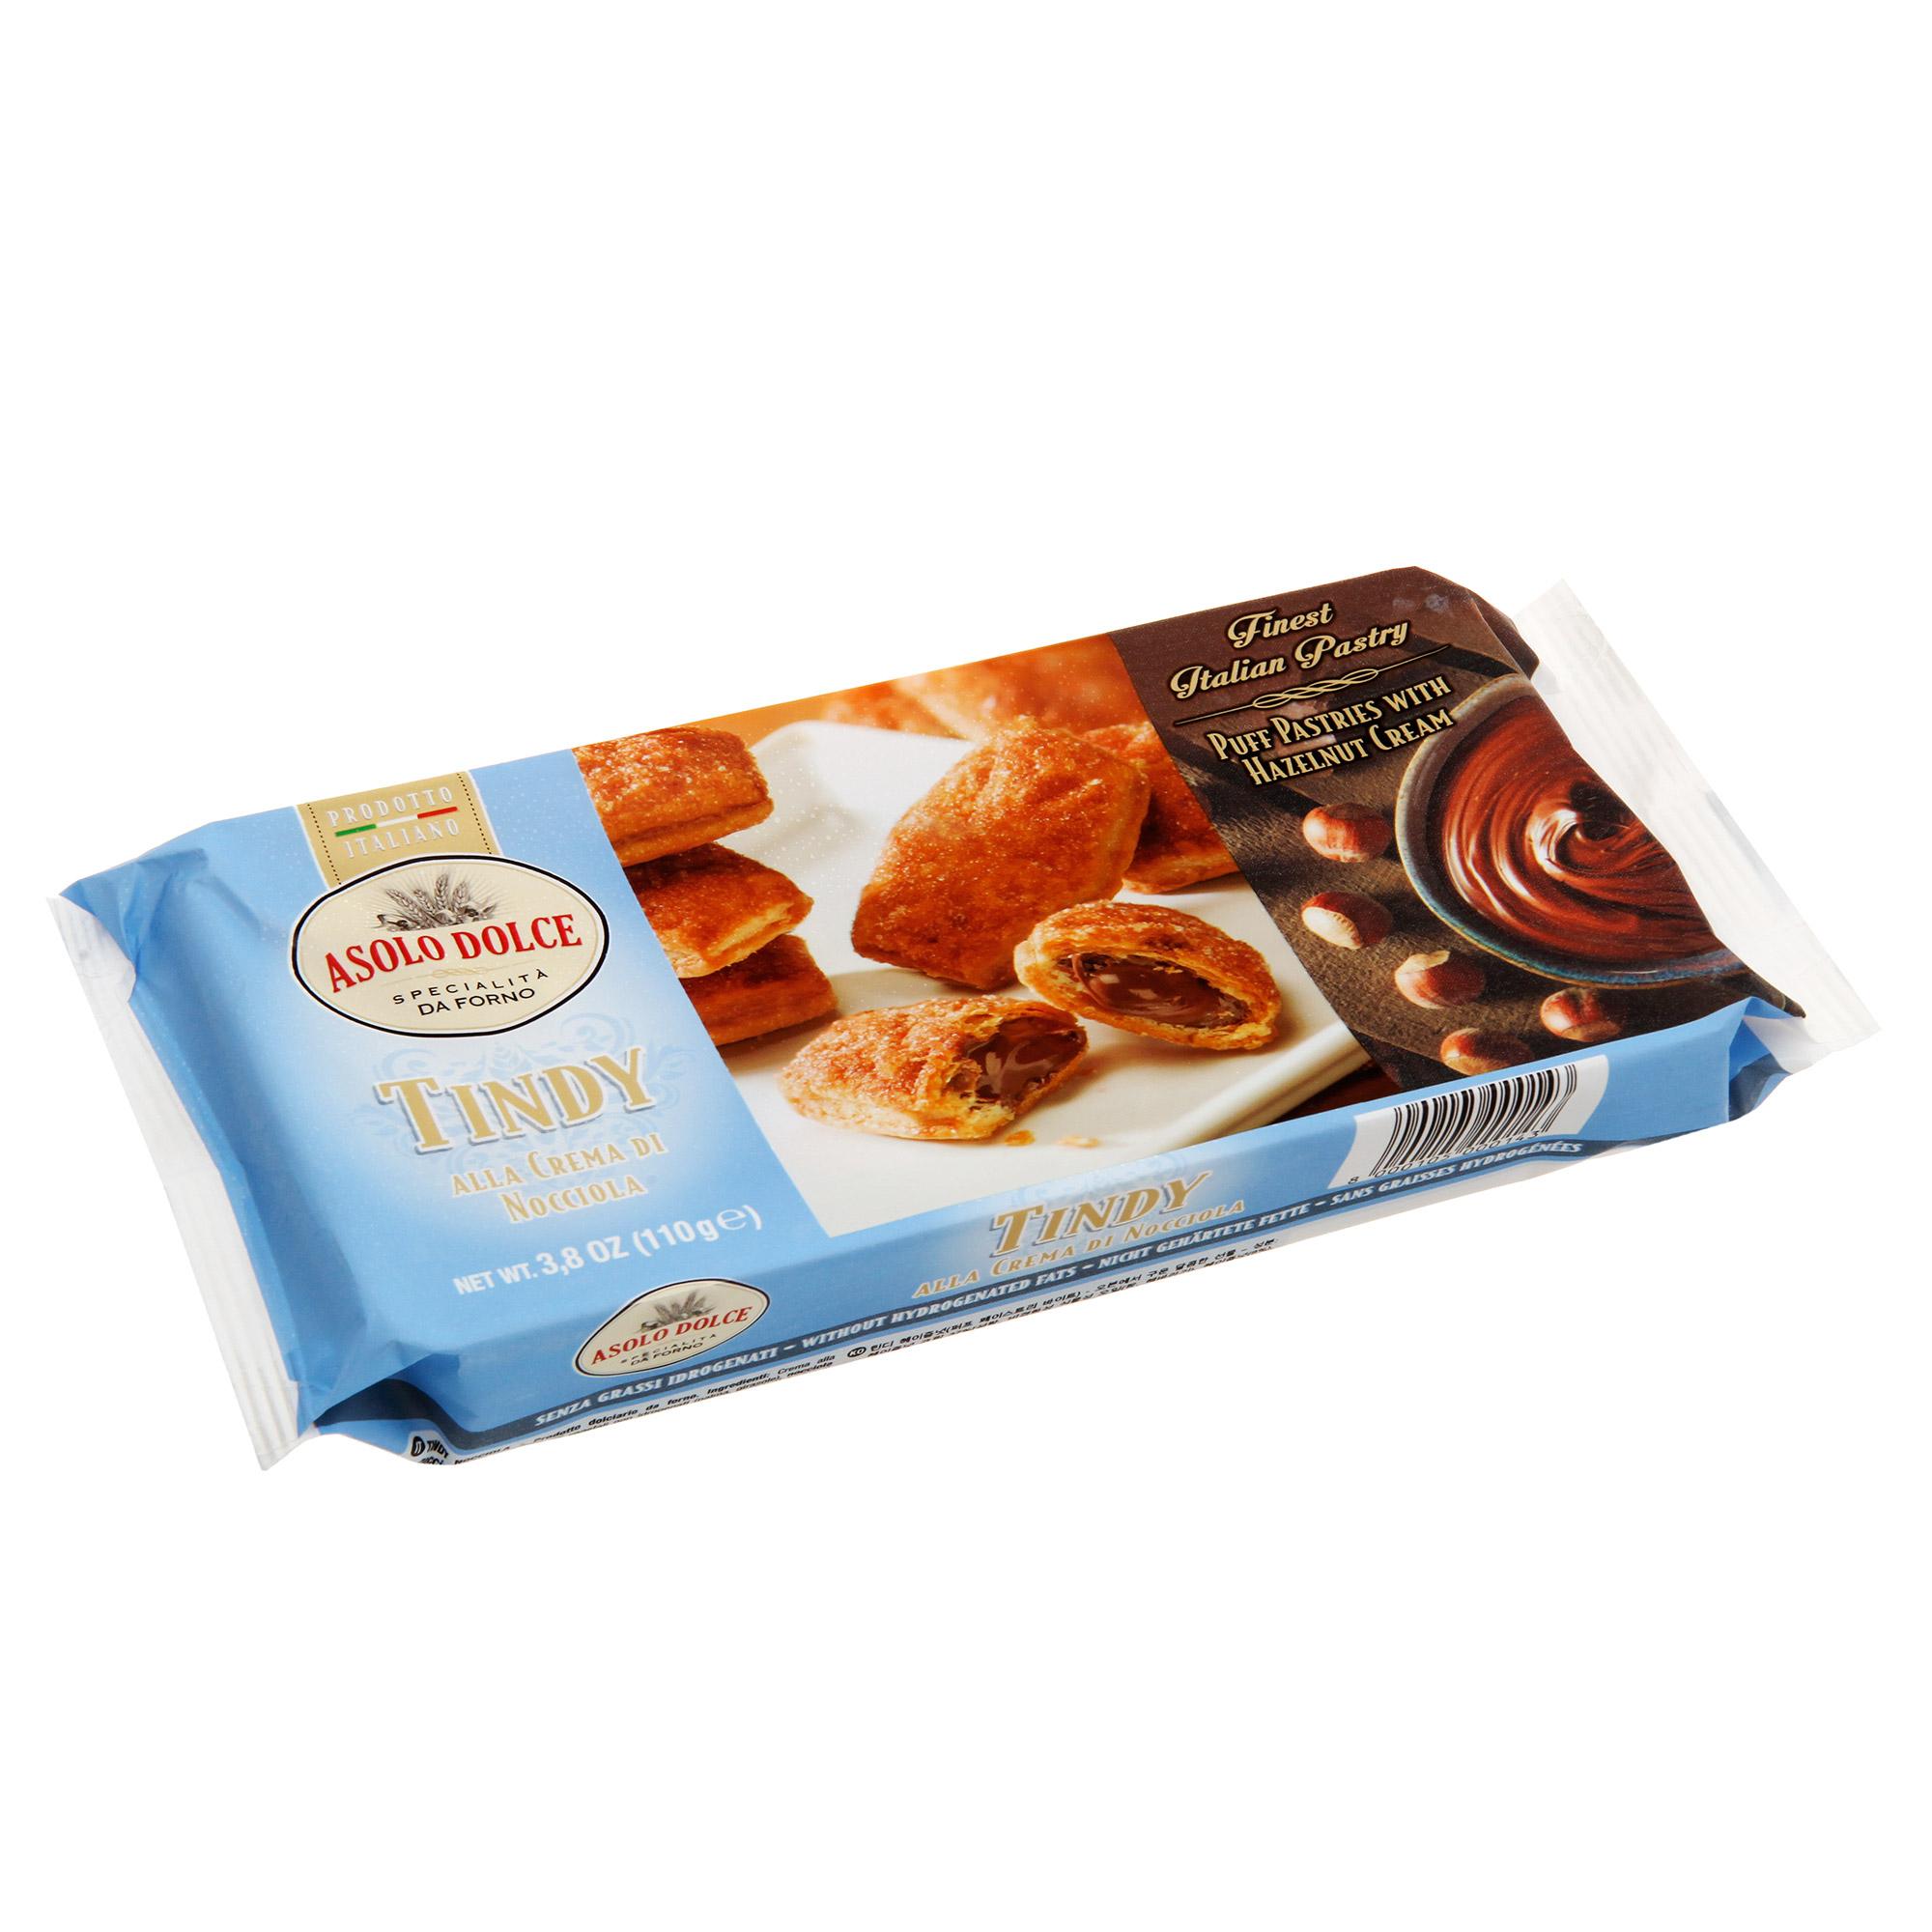 Печенье Asolo Dolce Tindy с ореховым кремом 110 г фото